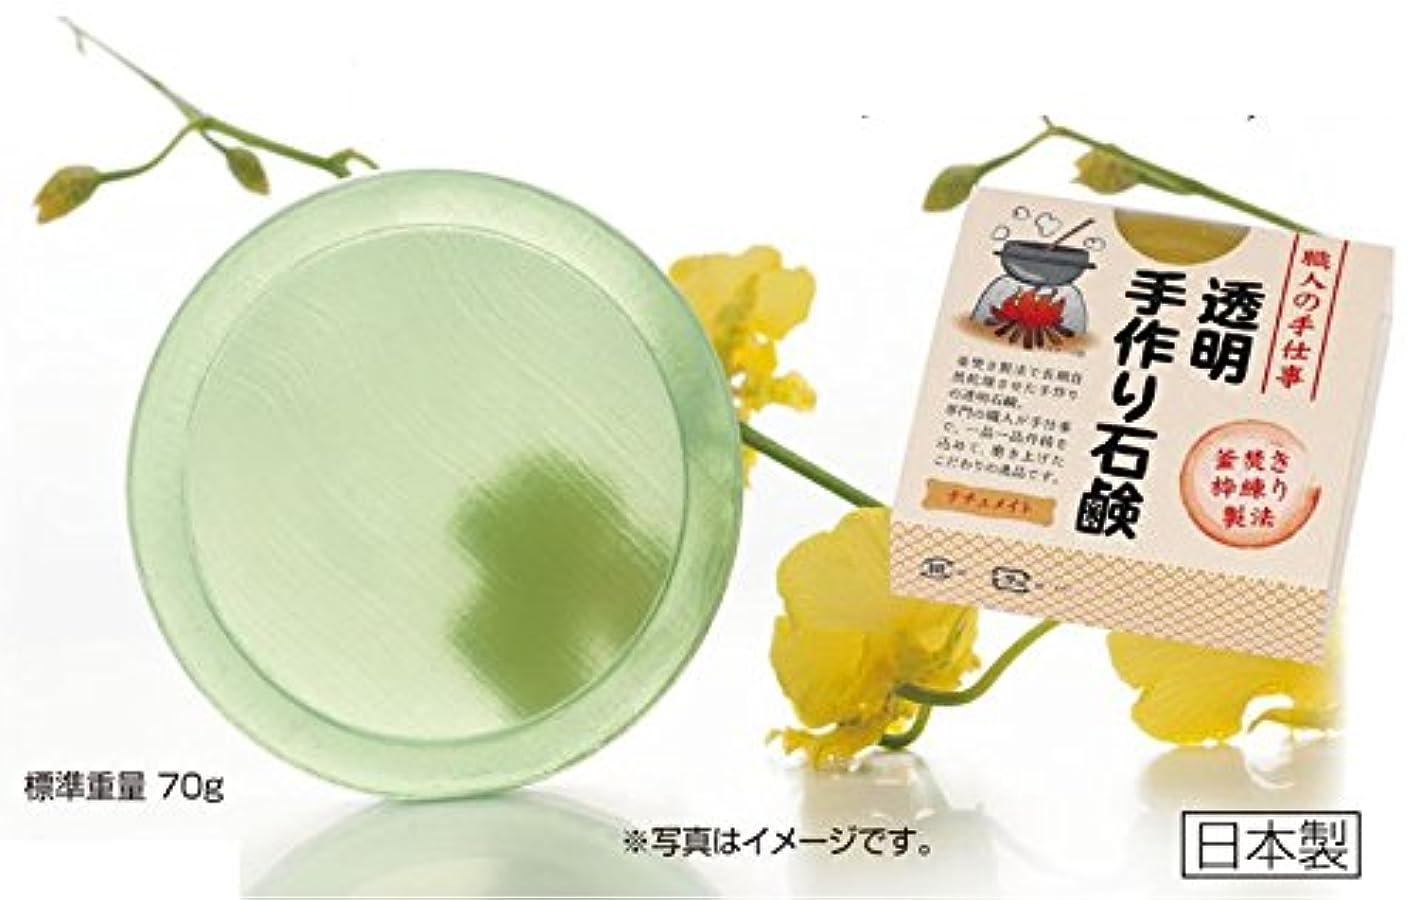 ネズミサンプルに勝る職人の手仕事 透明手作り石鹸 2個組(泡立てネット1枚付)